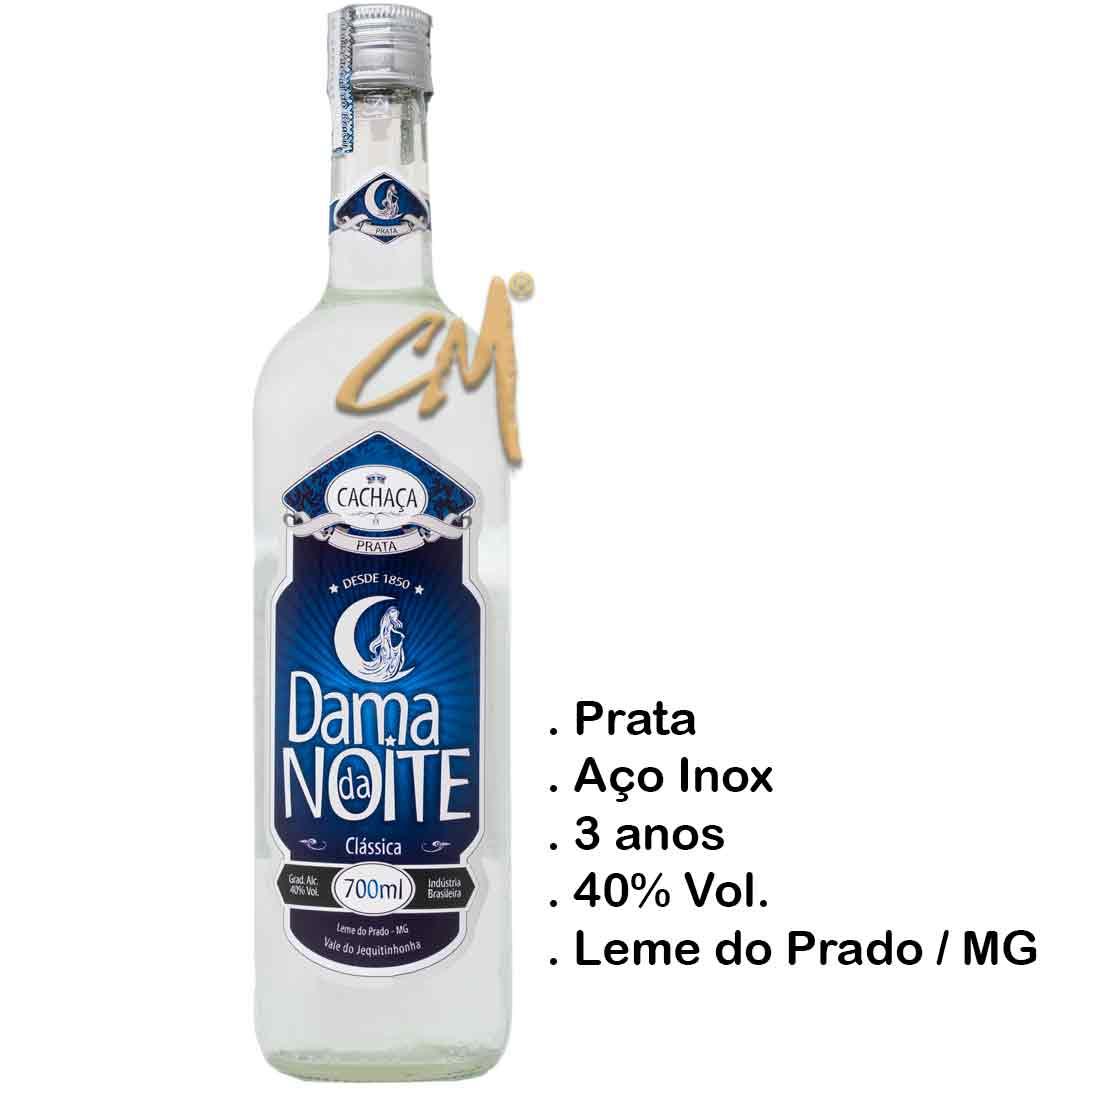 Cachaça Dama da Noite Clássica 700 ml (Leme do Prado - MG)